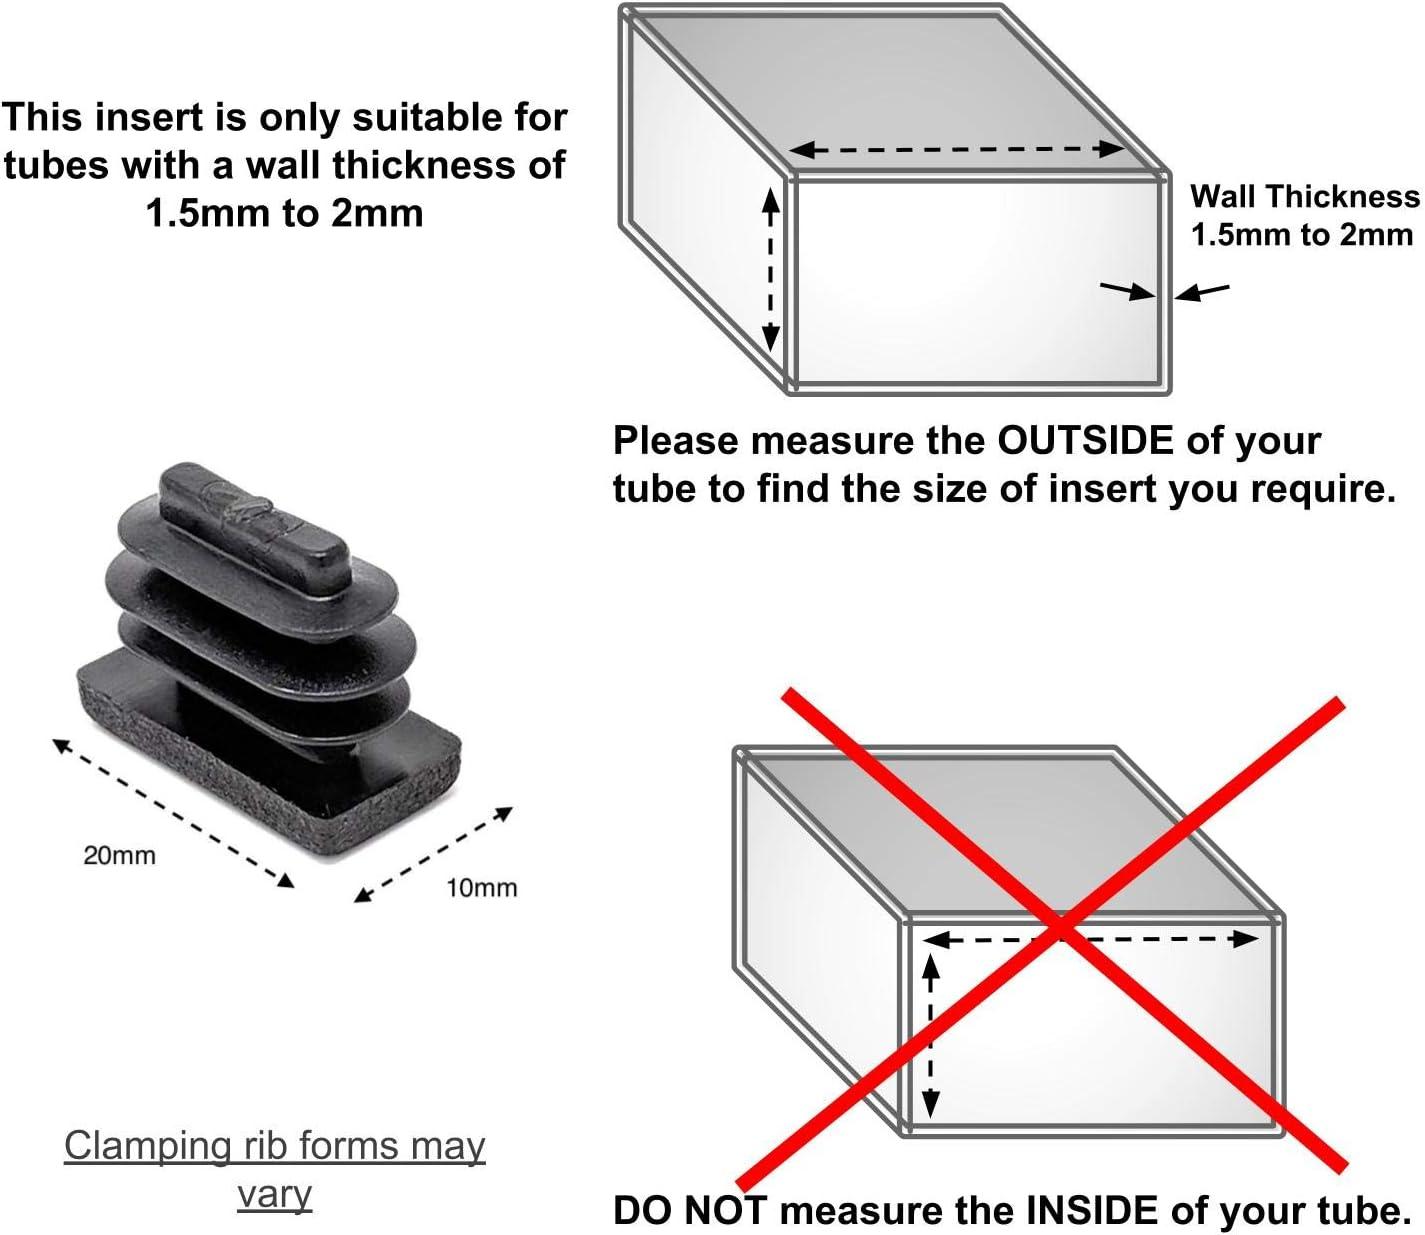 paquete de 100 unidades, ver la segunda imagen para las dimensiones . fabricados en Alemania Tapones rectangulares de pl/ástico negro acanalados de 20 x 10 mm